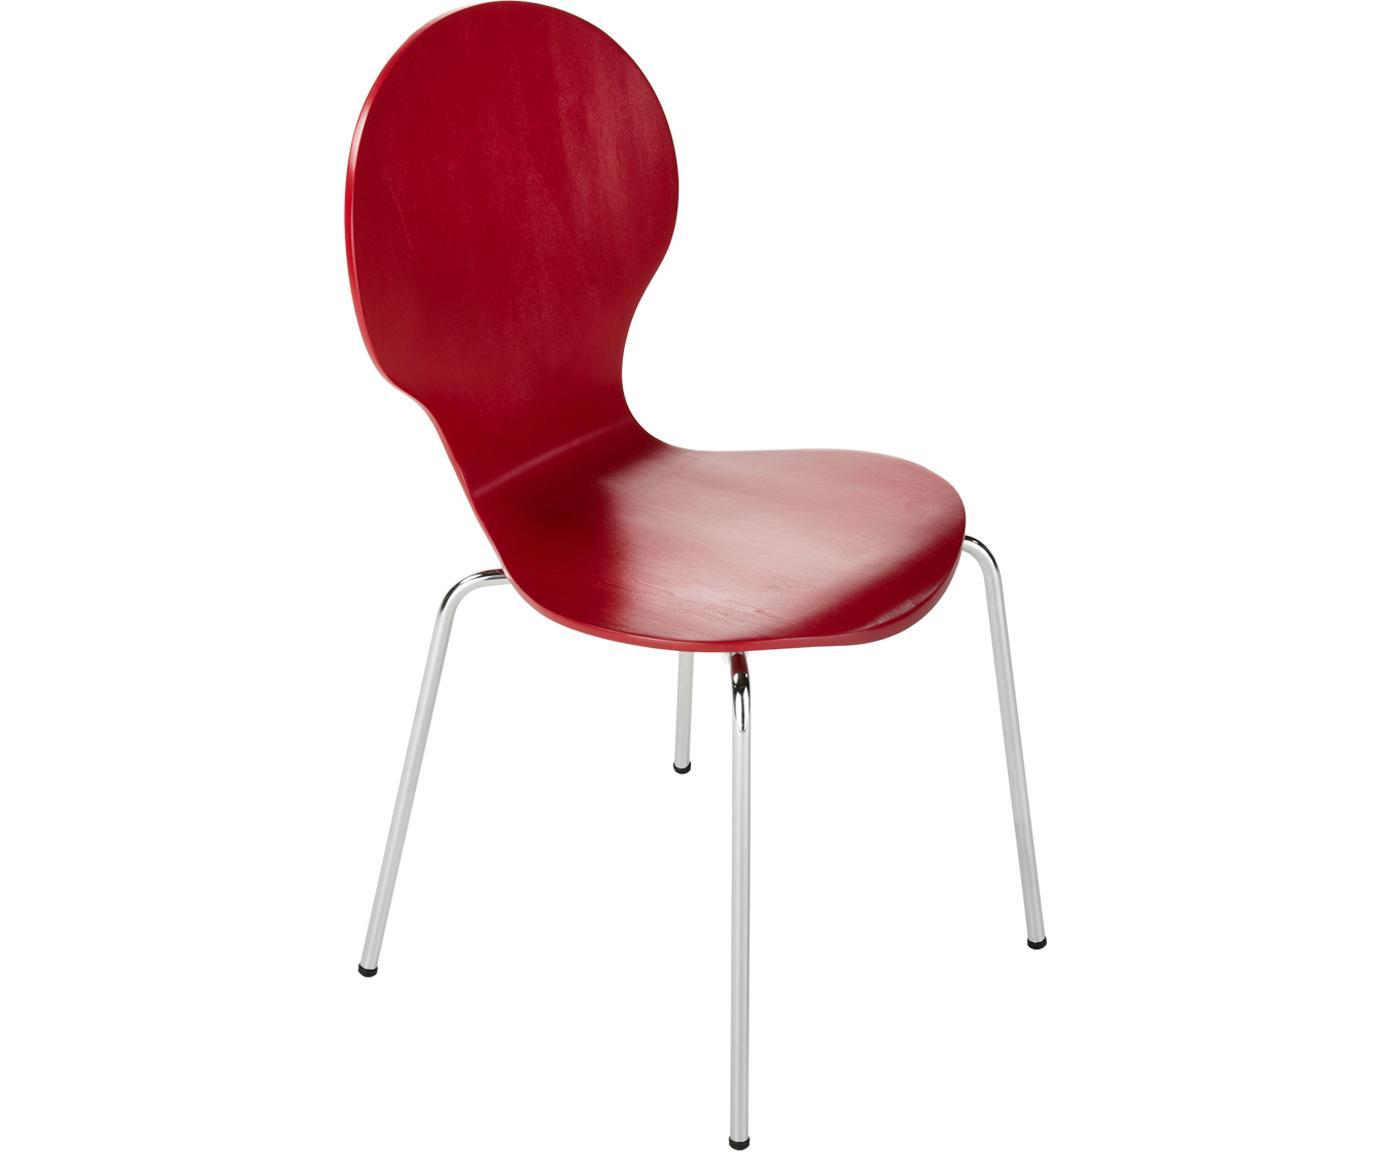 Krzesło Marcus, 4 szt., Nogi: stal chromowana, Czerwony, S 49 x W 87 cm